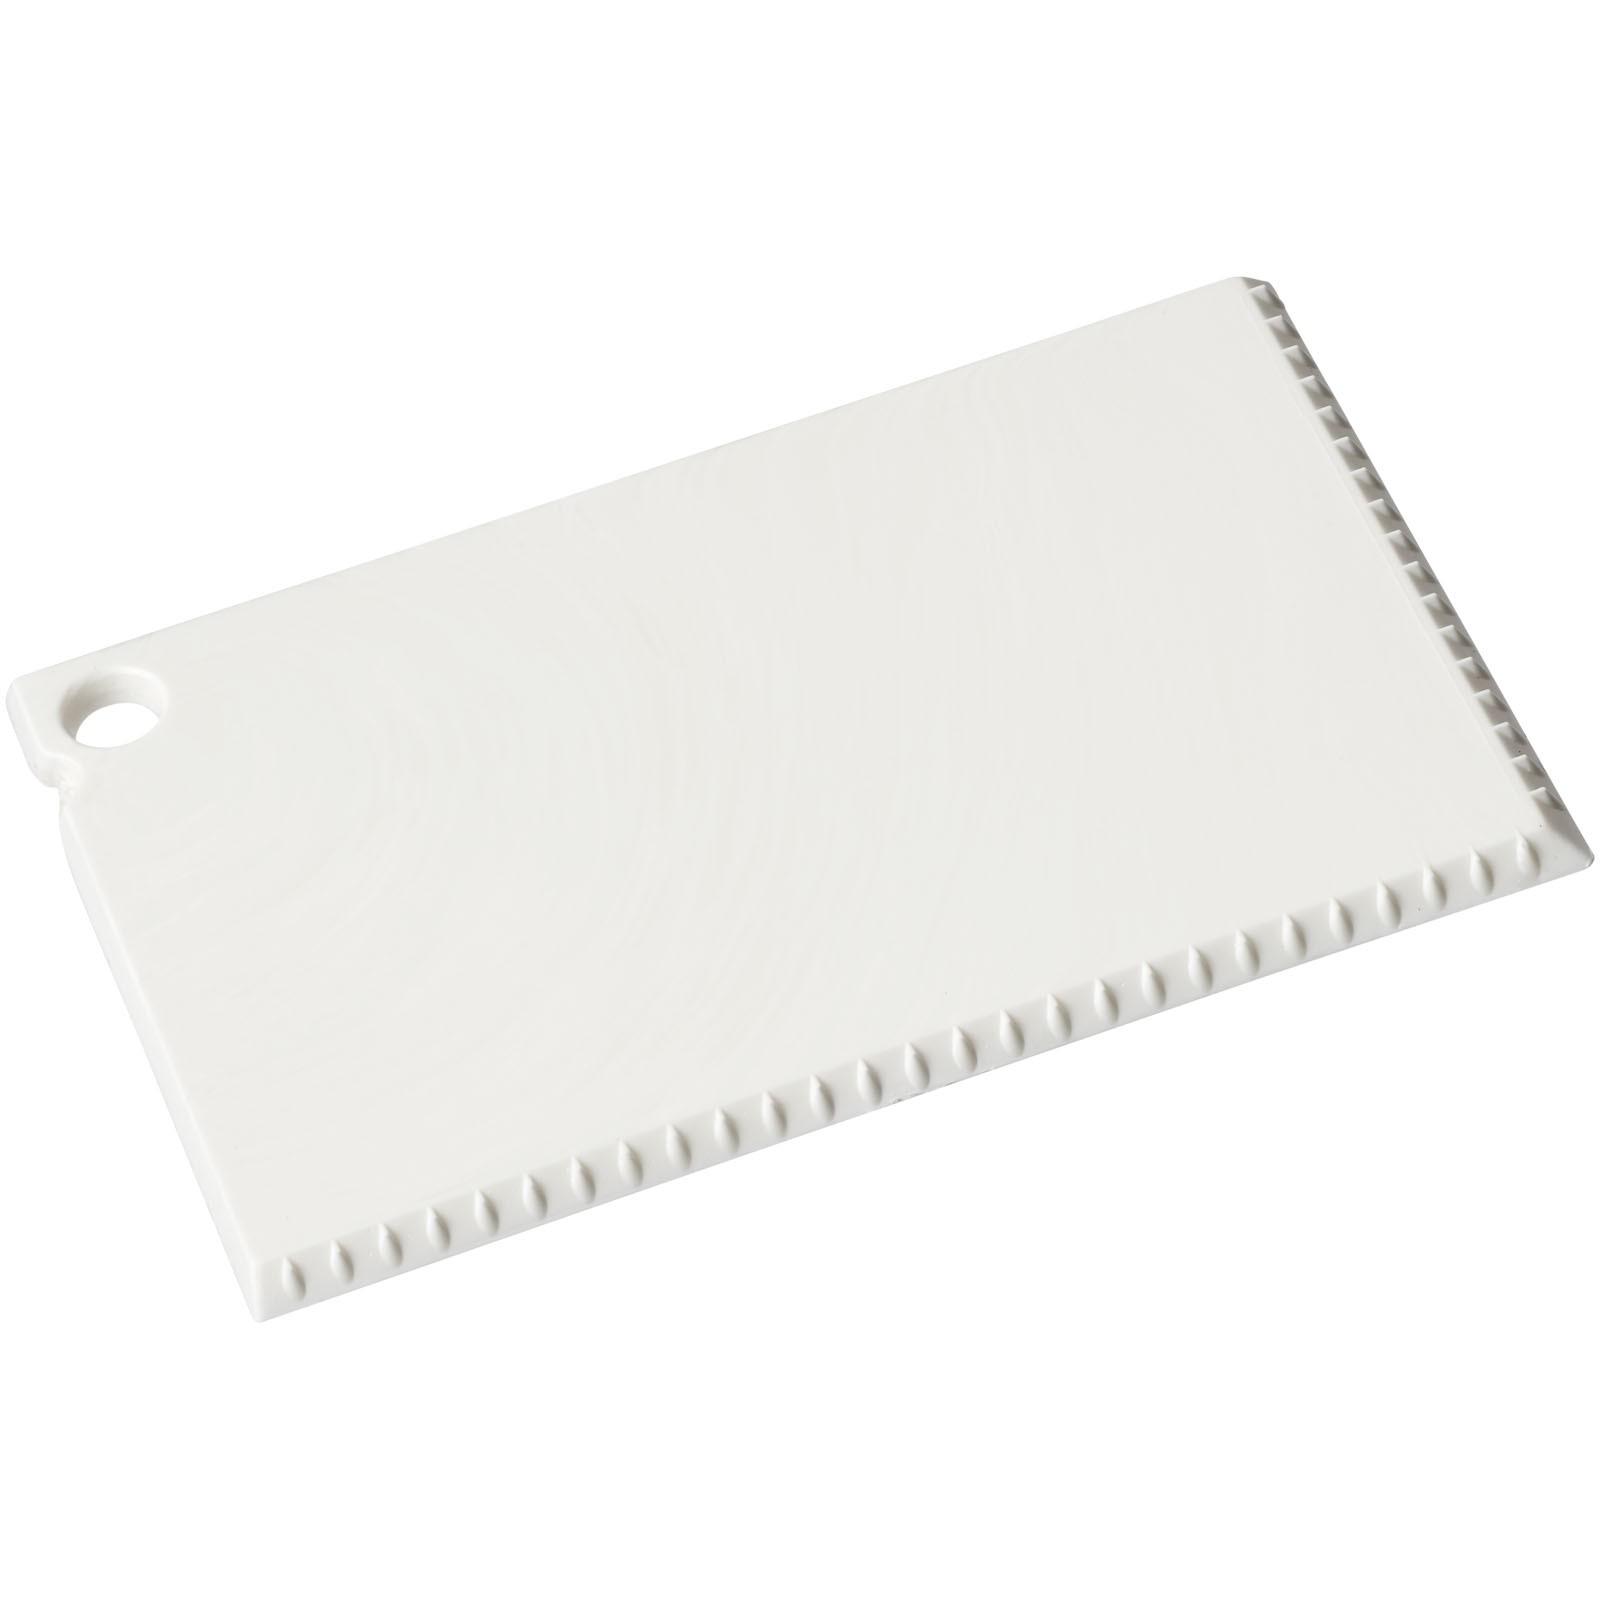 Coro credit card sized ice scraper - White